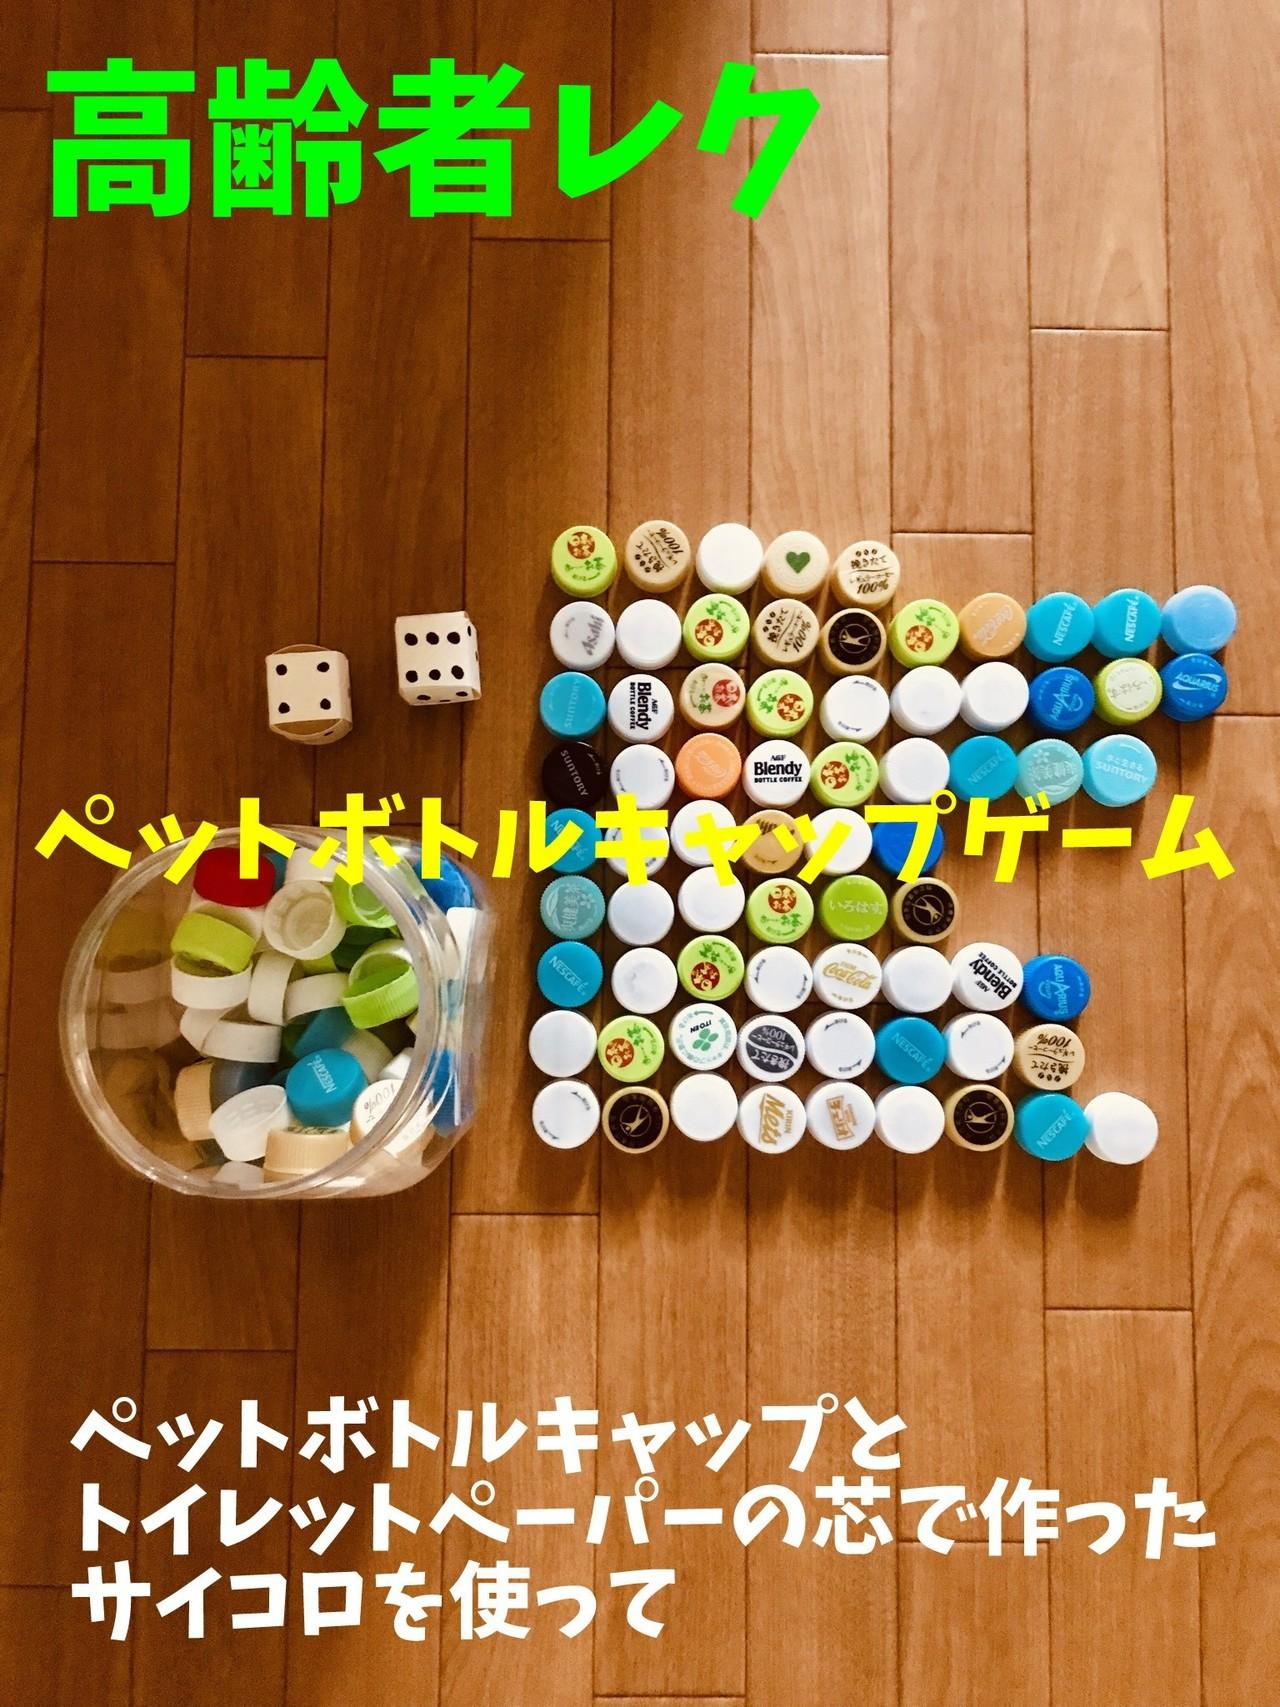 ゲーム 高齢 者 レクリエーション テーブル